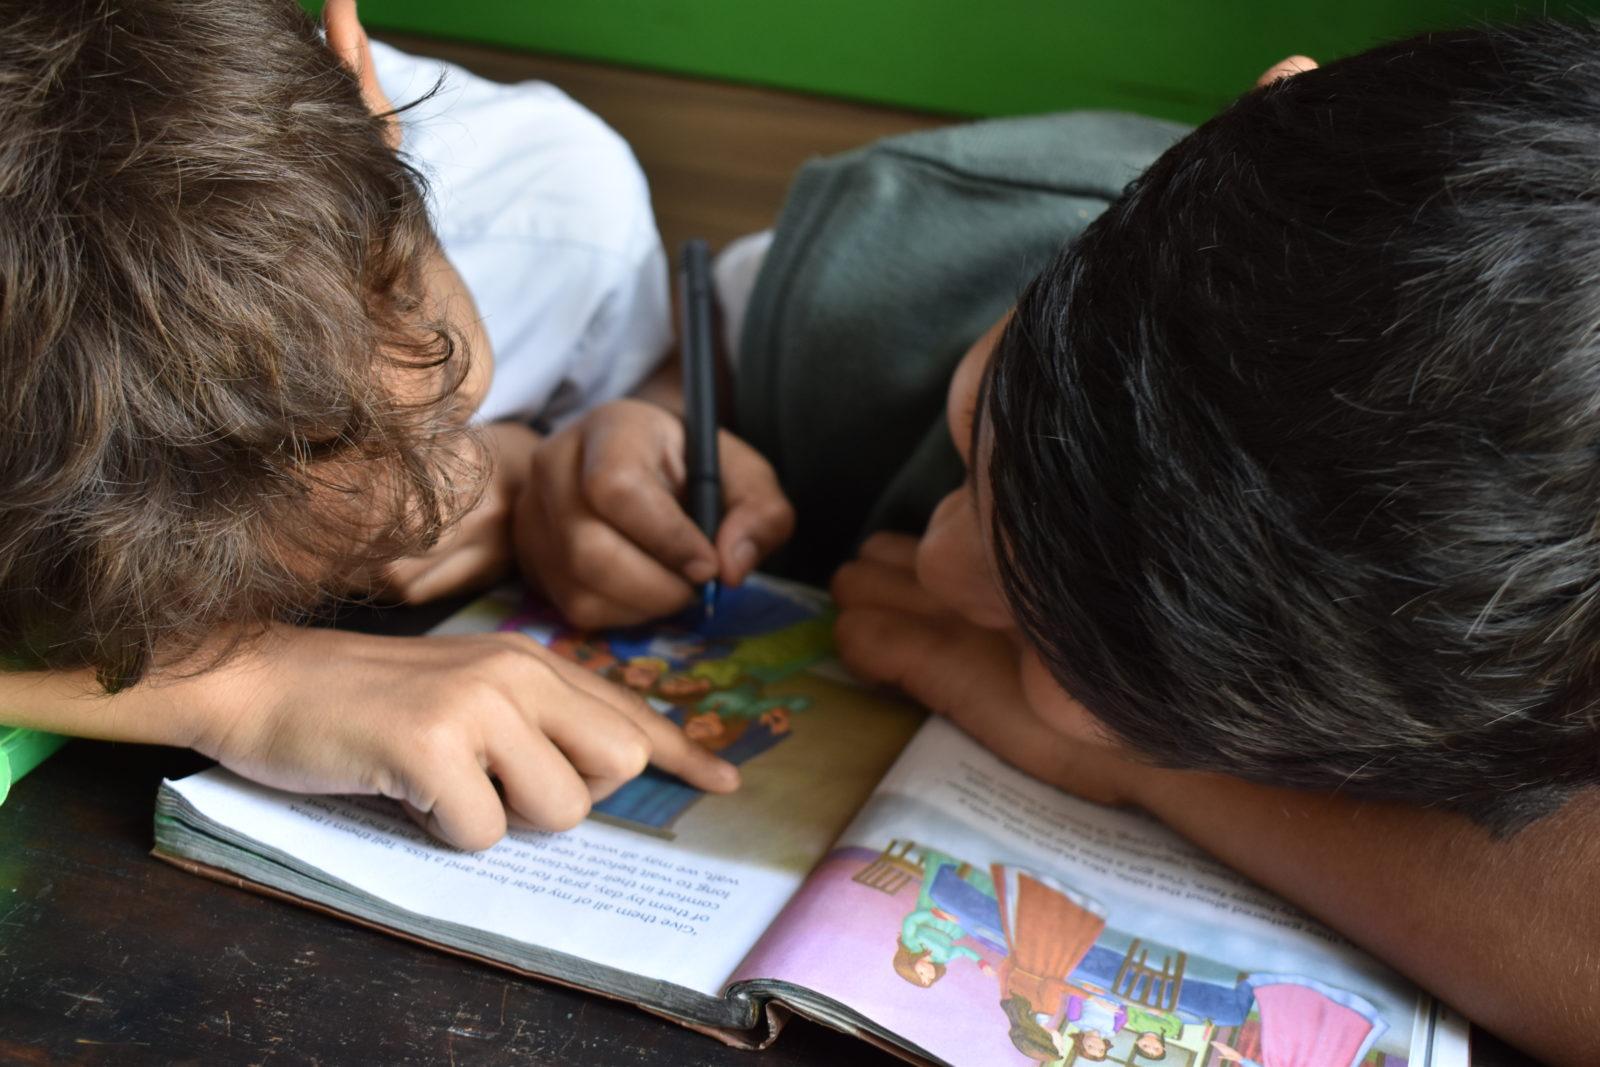 Escuela de Padres: Crea experiencias memorables para reforzar destrezas educativas en casa.